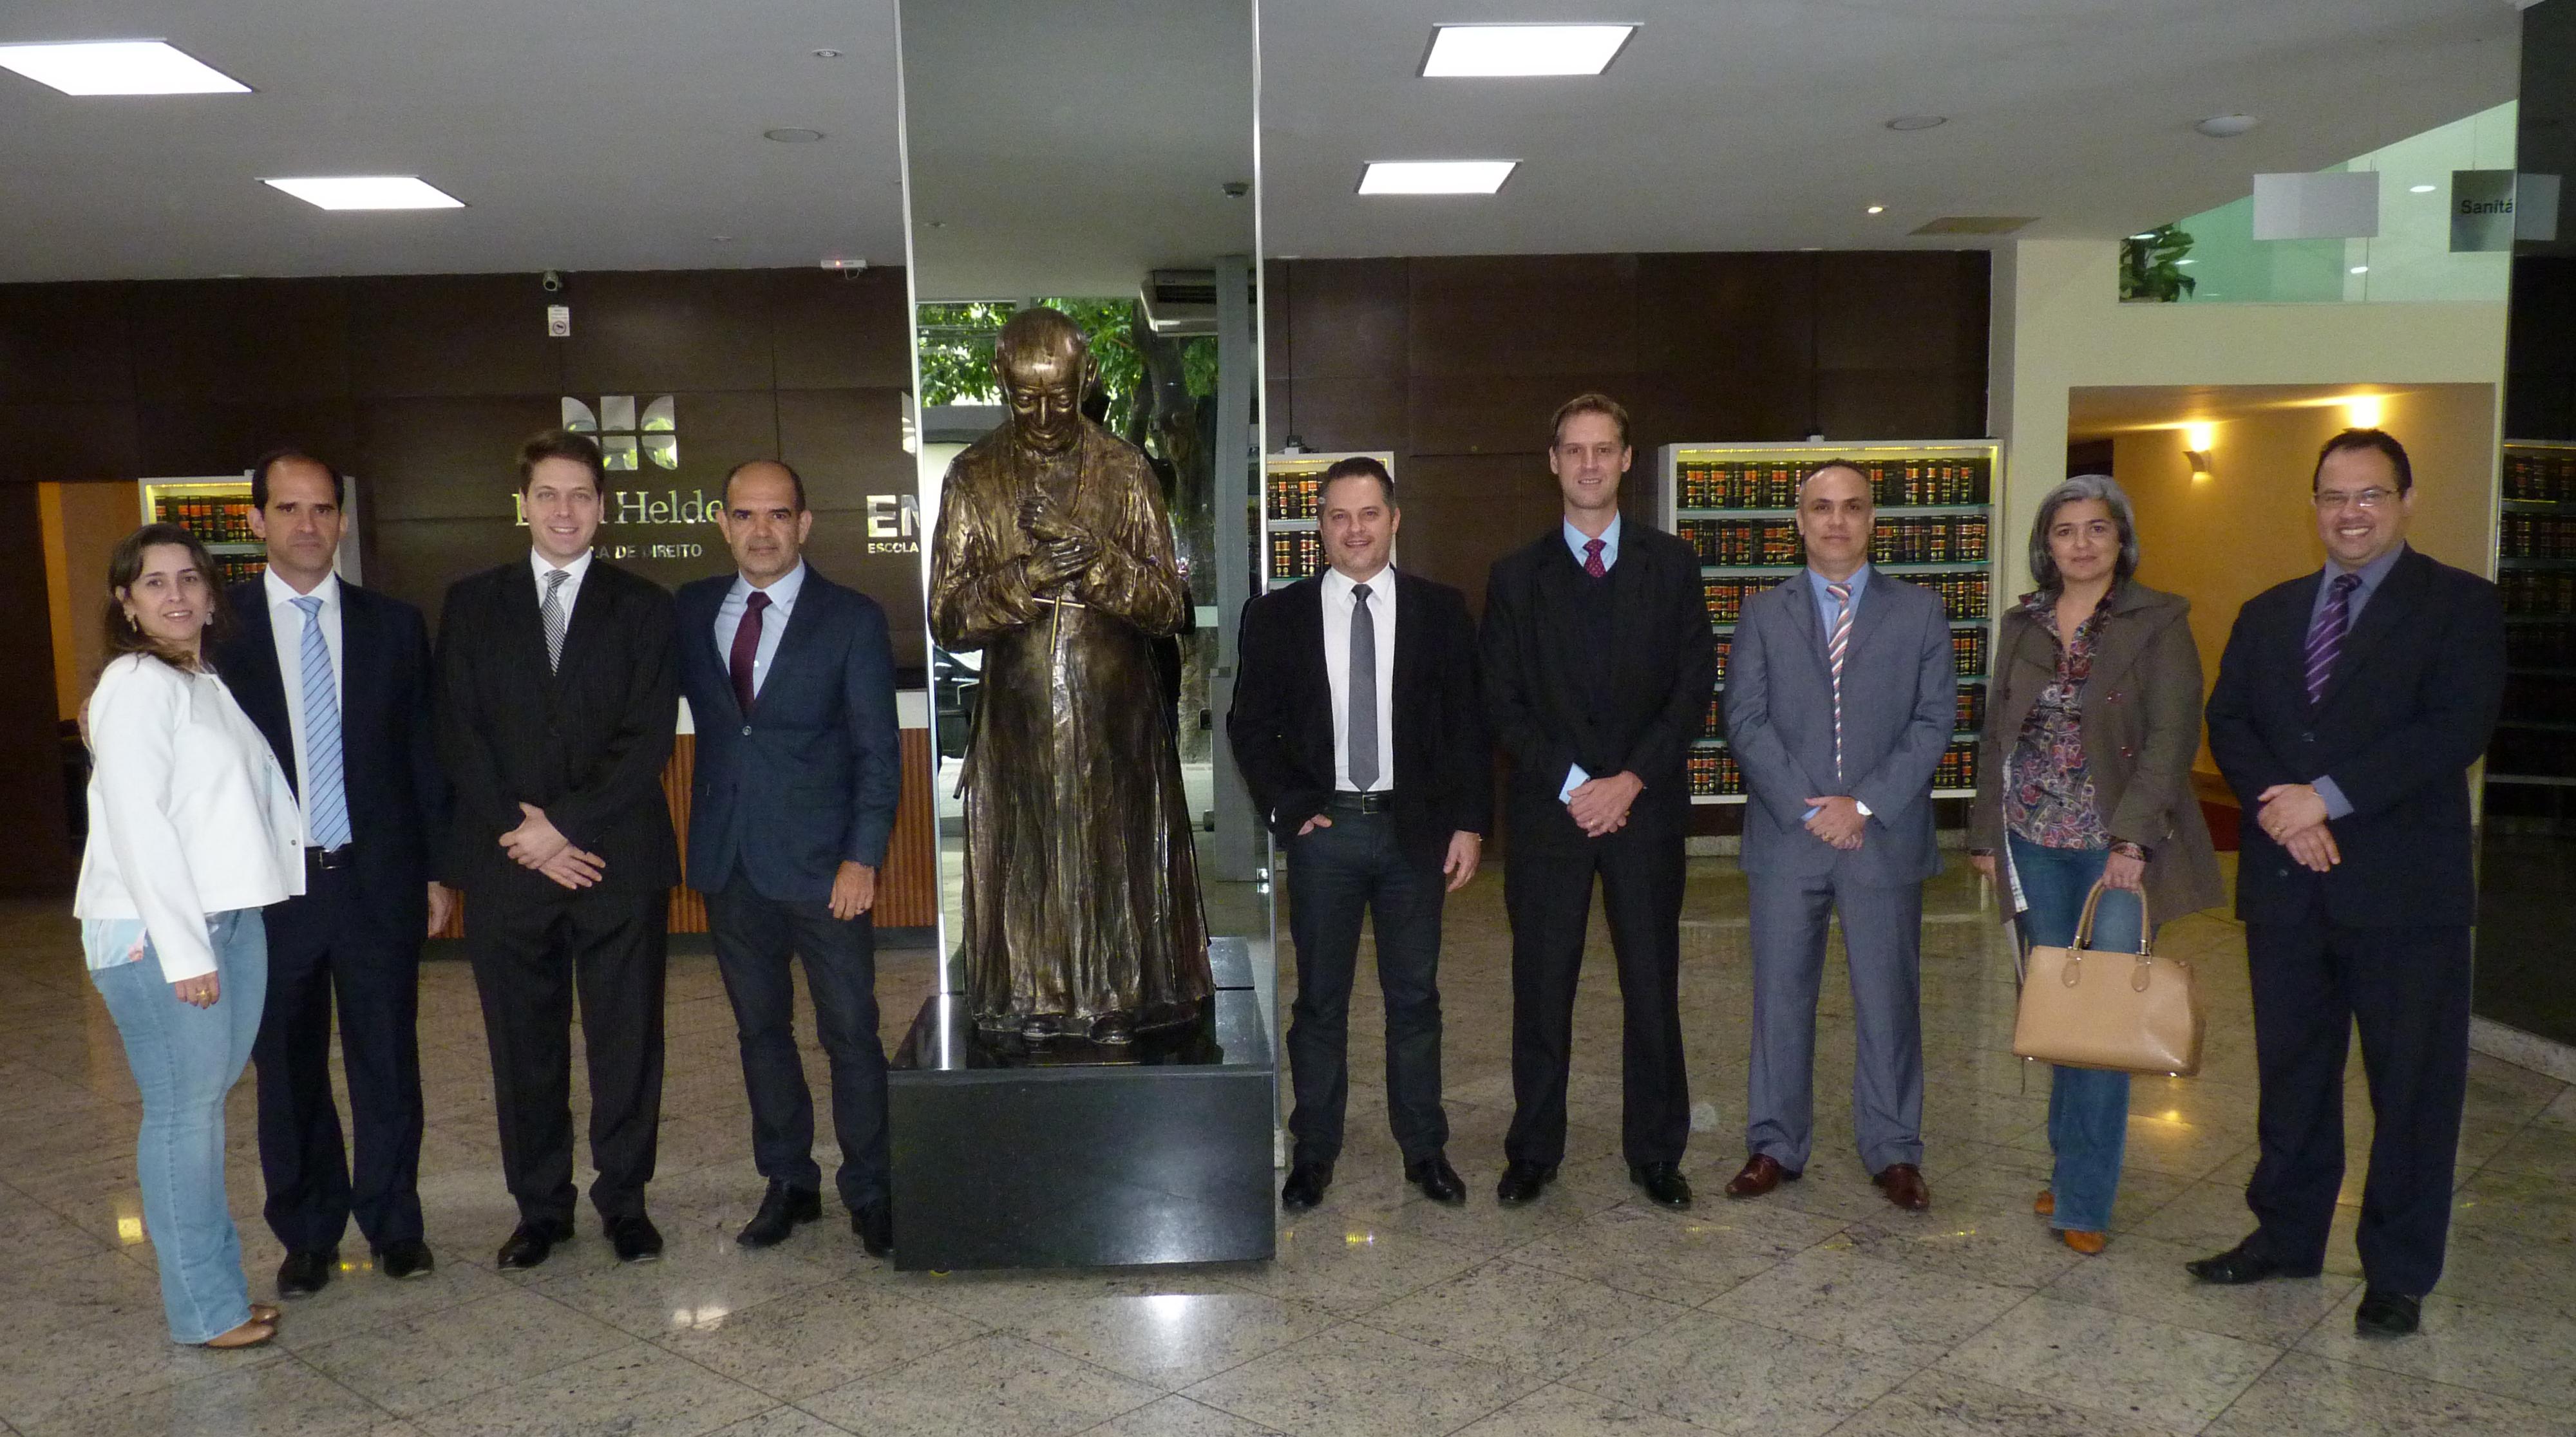 Professores que participaram da banca avaliadora do TJD-e, juntamente com os organizadores da competição.